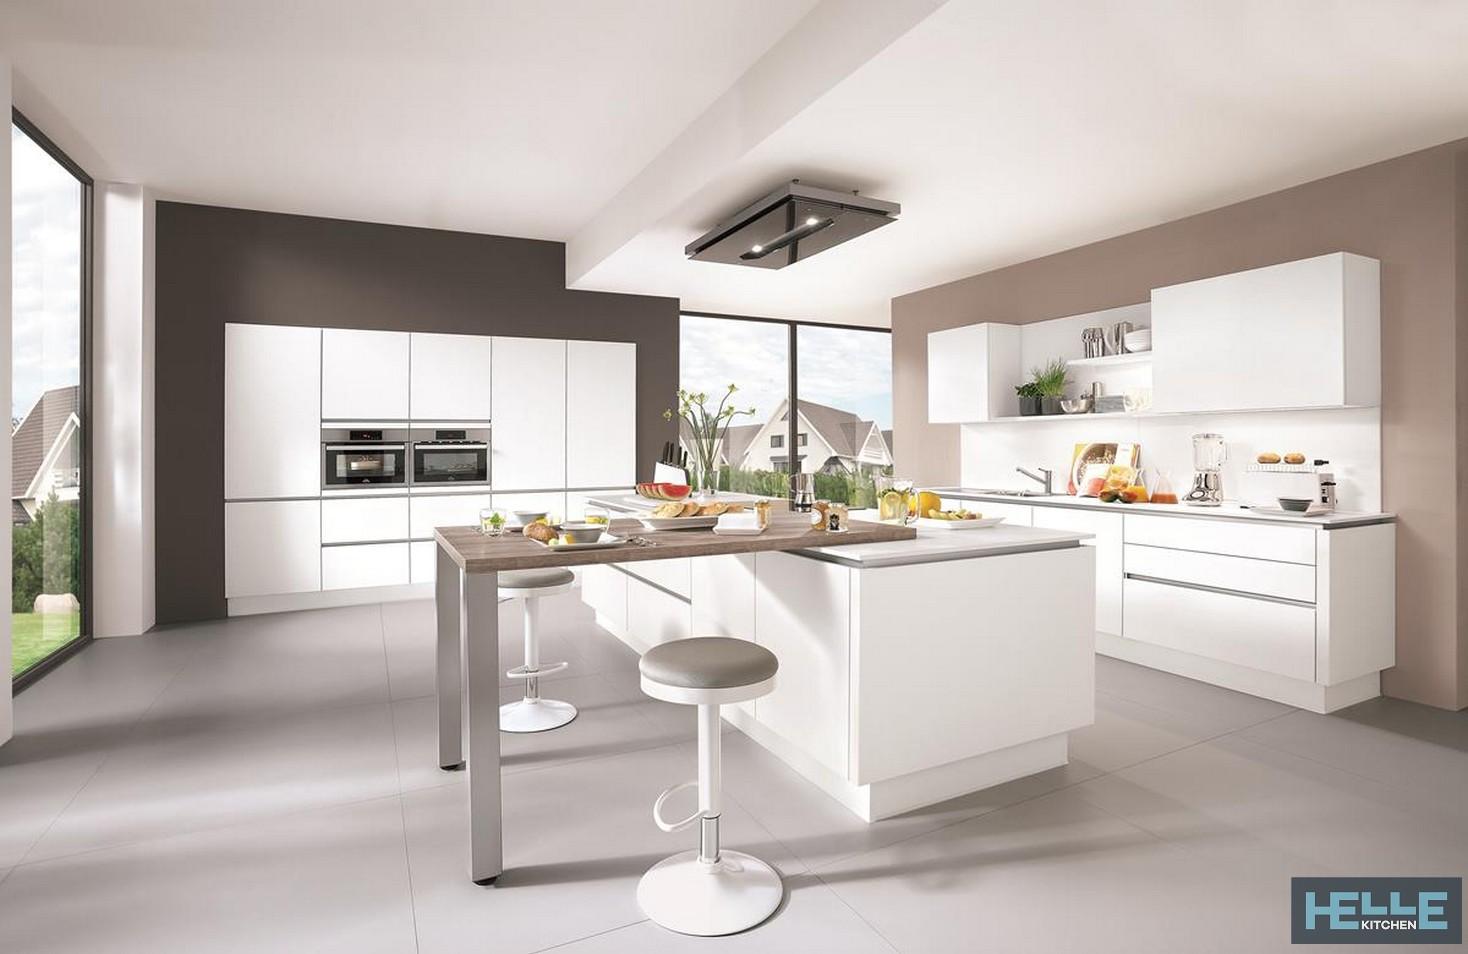 Creare open space i miei progetti per arredare cucina e soggiorno